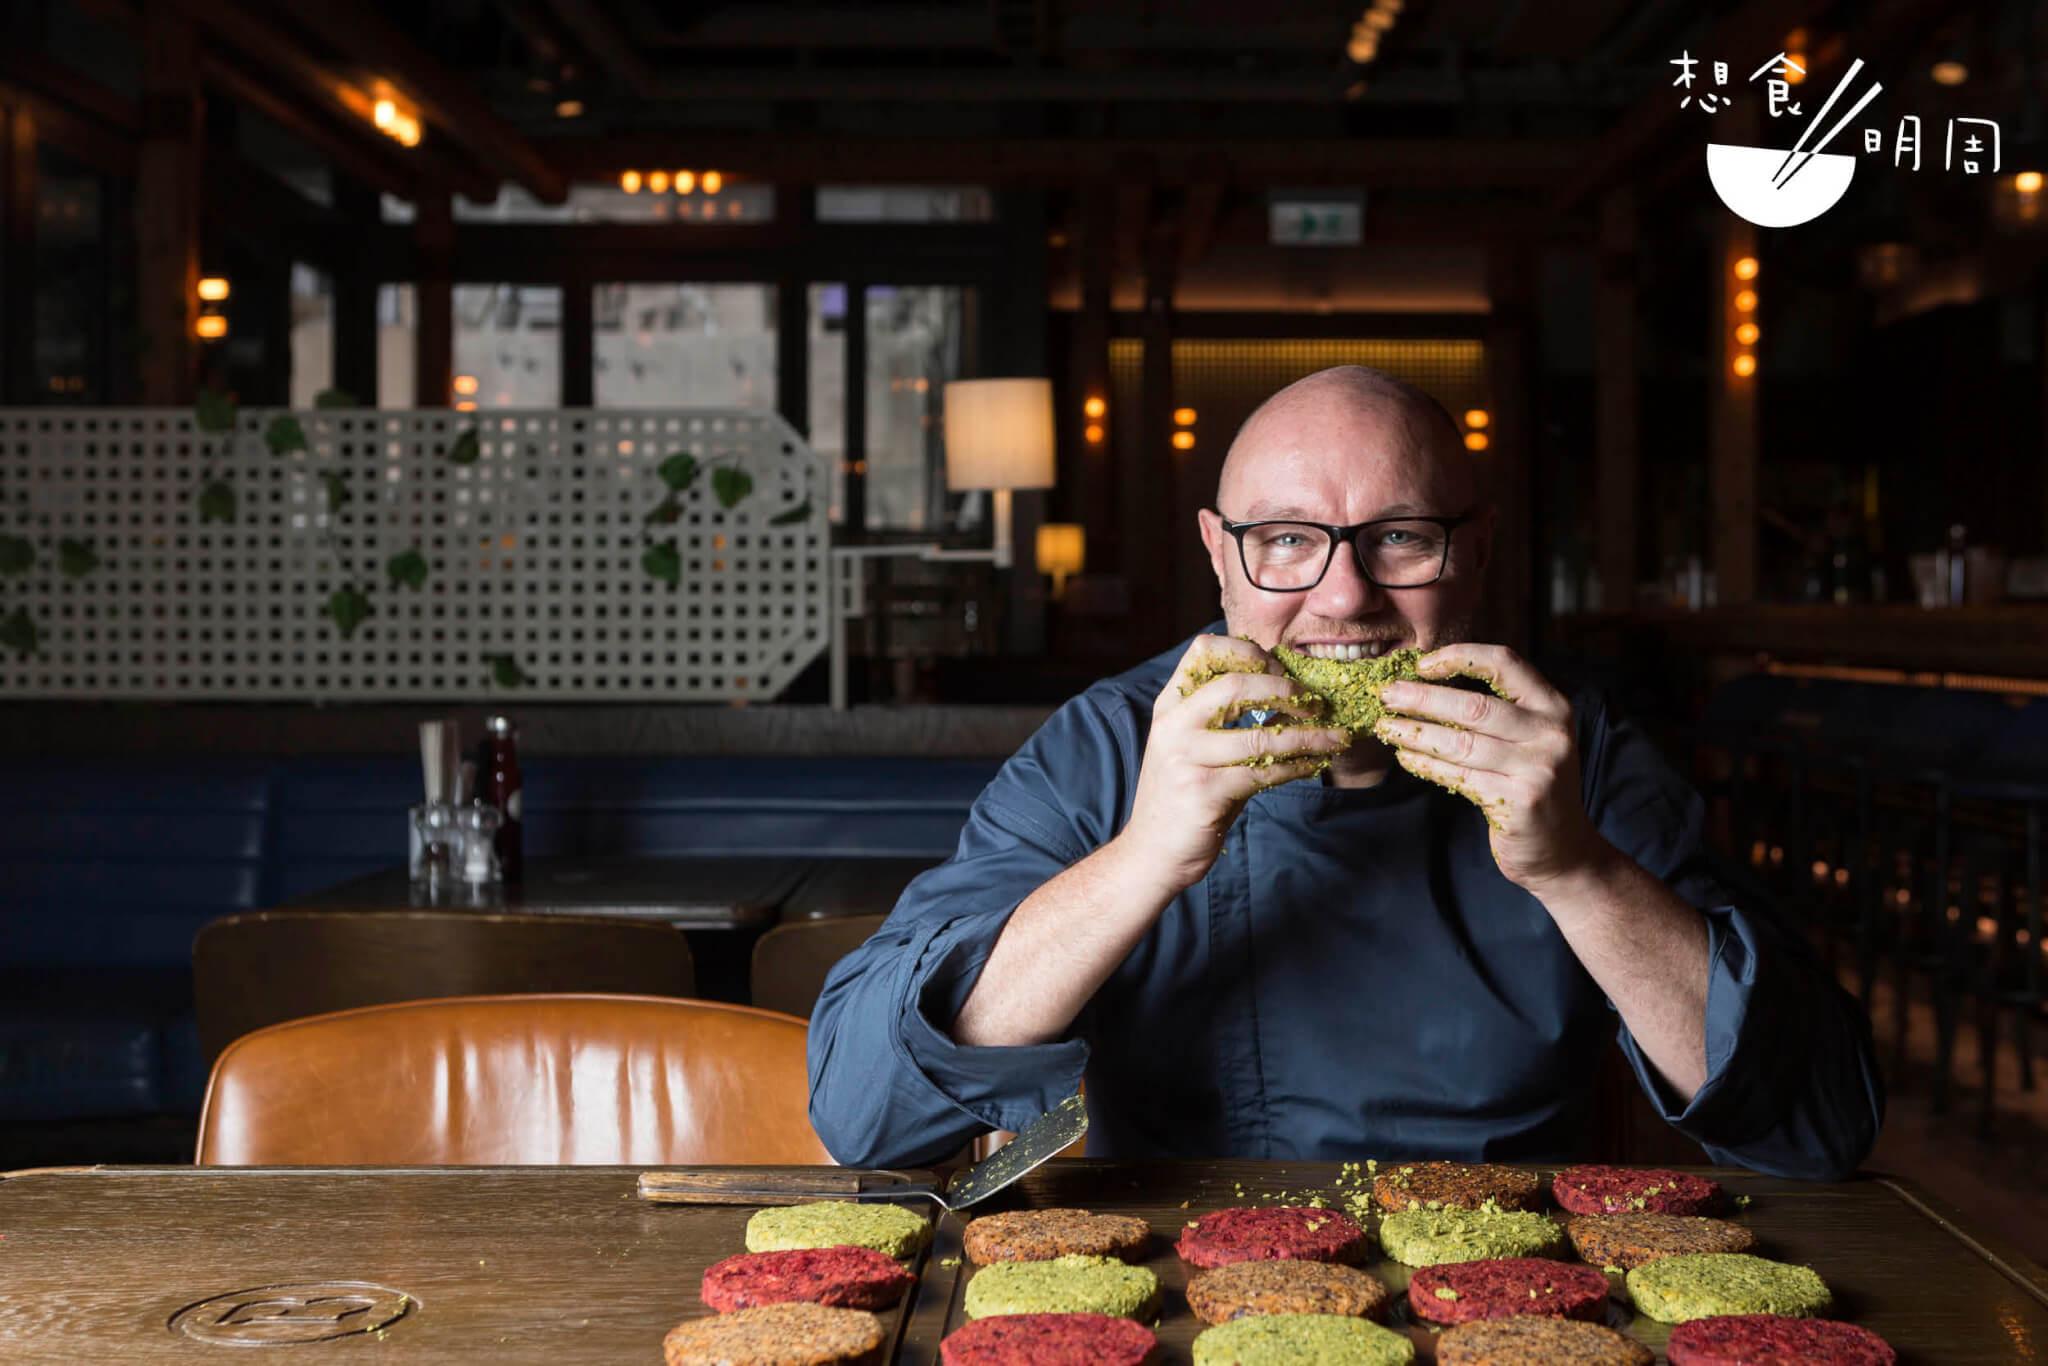 集團研發主廚Neil Tomes,除了 負責為Beef & Liberty設計餐點 外,同時效力於已有五年歷史的姊妹品牌Leaves & Liberty(首見於 二○一六年Clockenflap)。他曾短 暫茹素,現在努力減少食肉中。